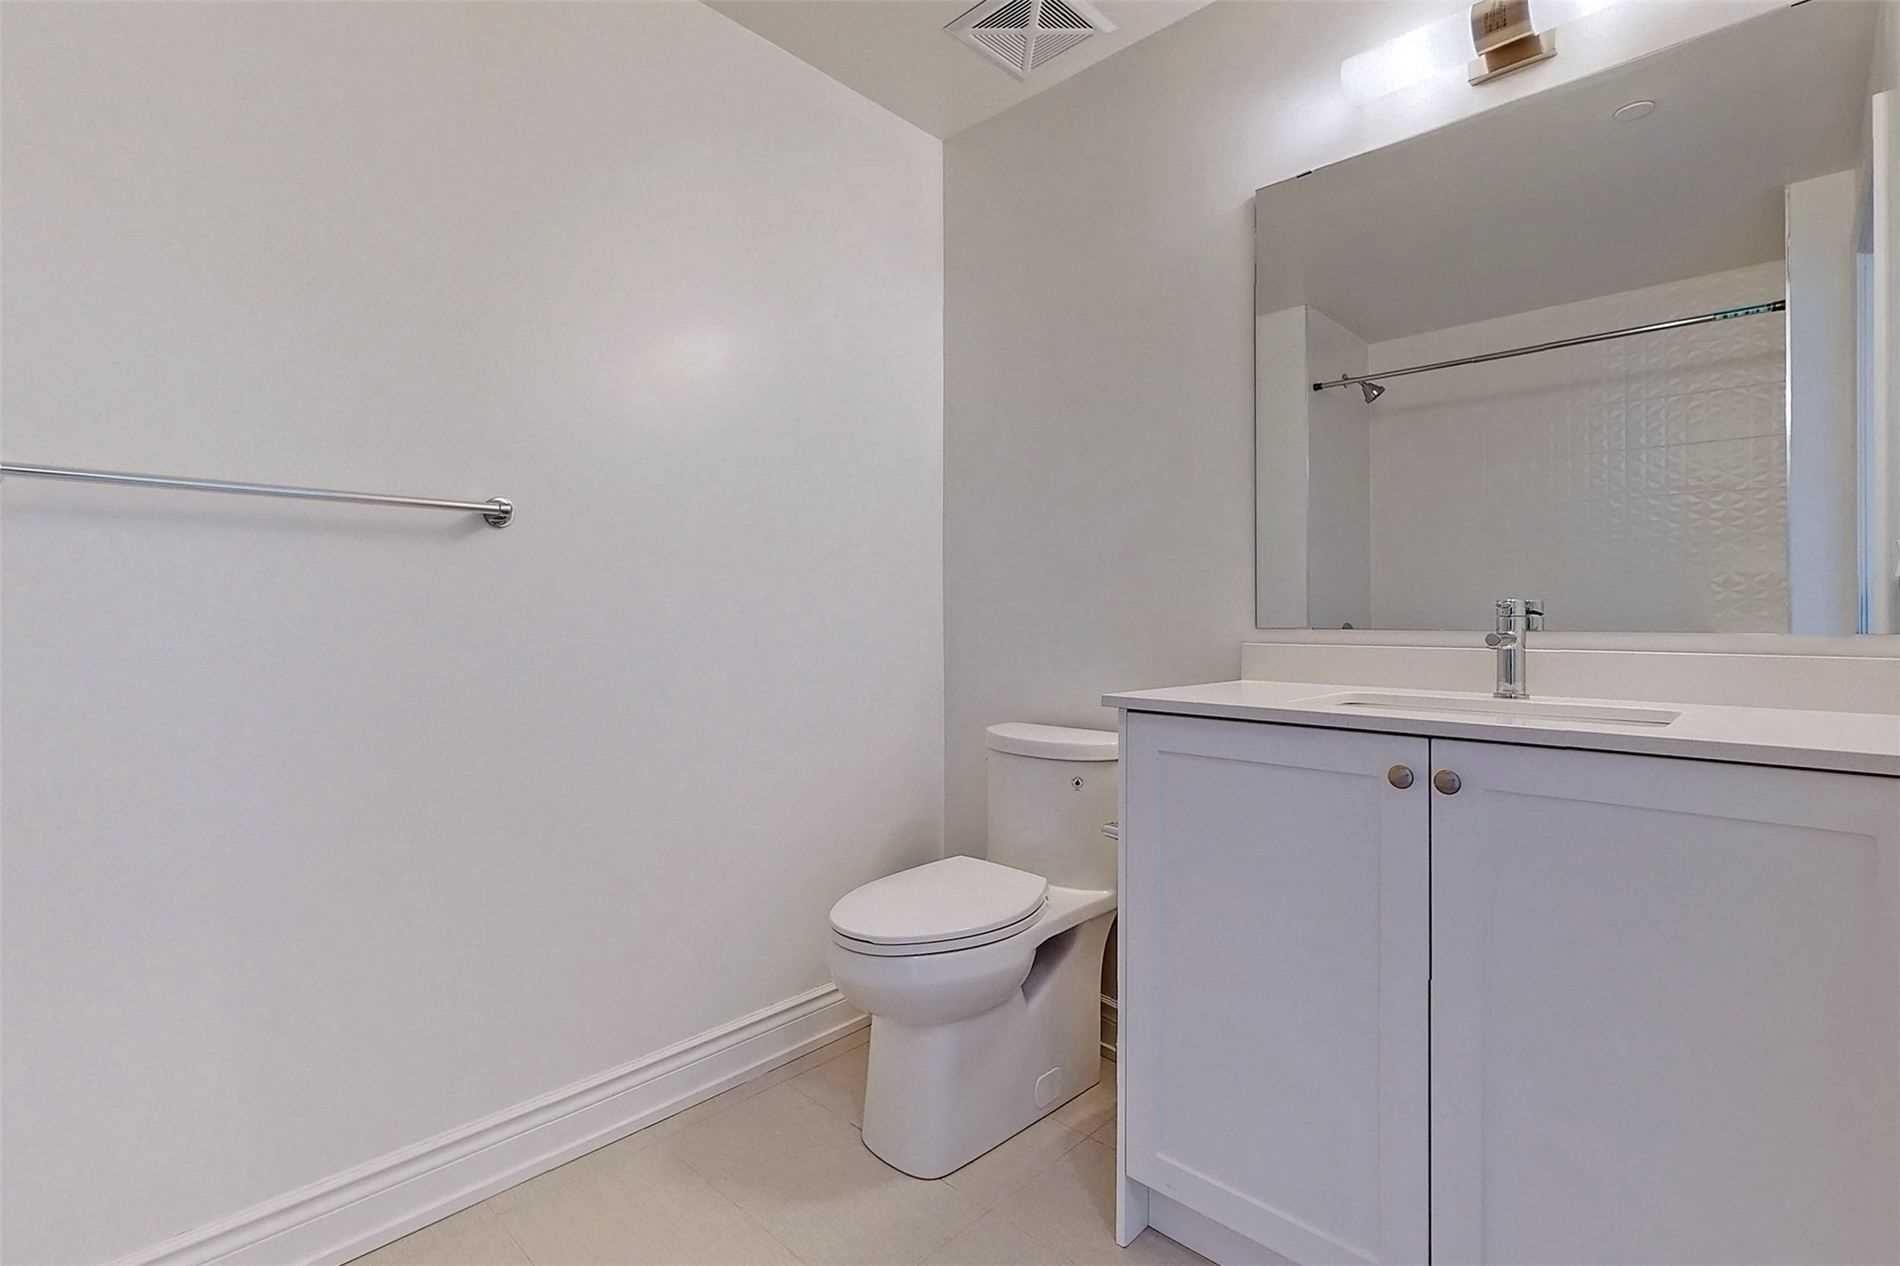 221 - 1050 Main St E - Dempsey Condo Apt for sale, 3 Bedrooms (W5398557) - #27